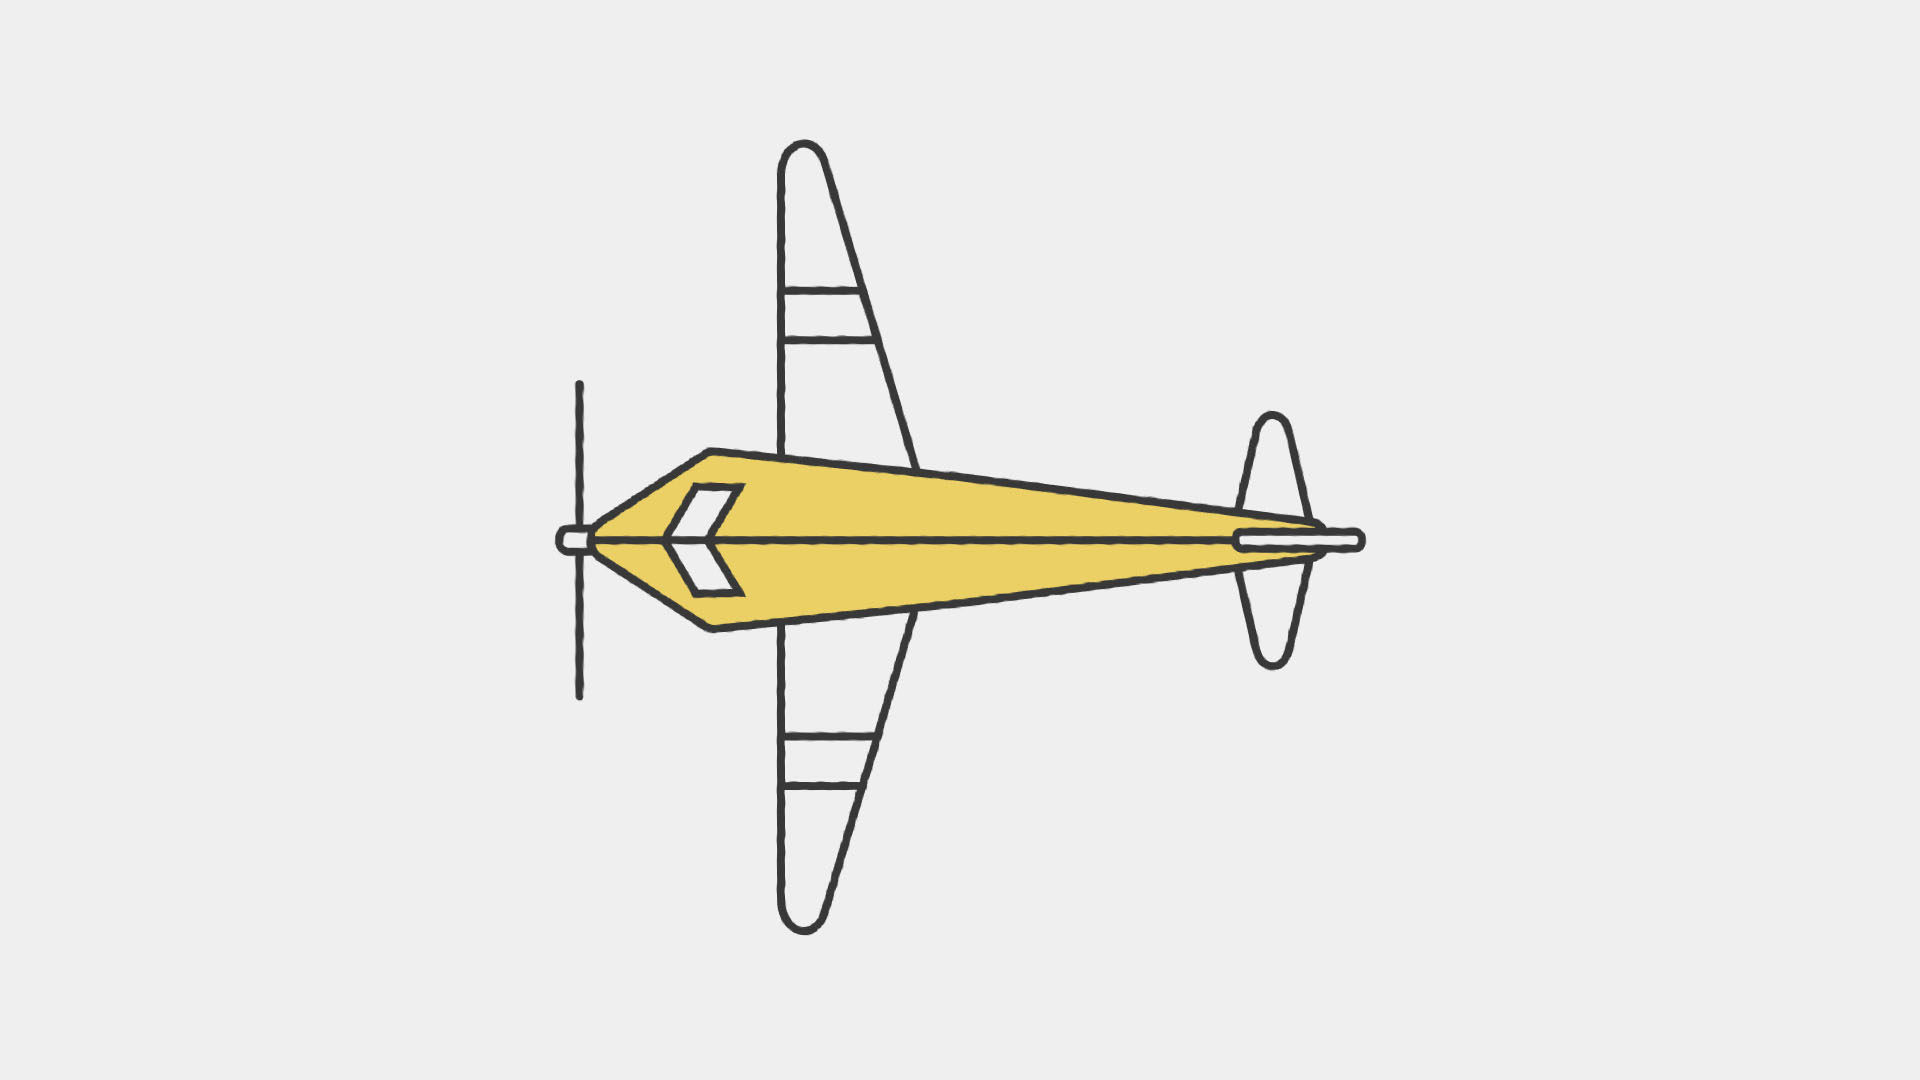 sh002_plane.jpg